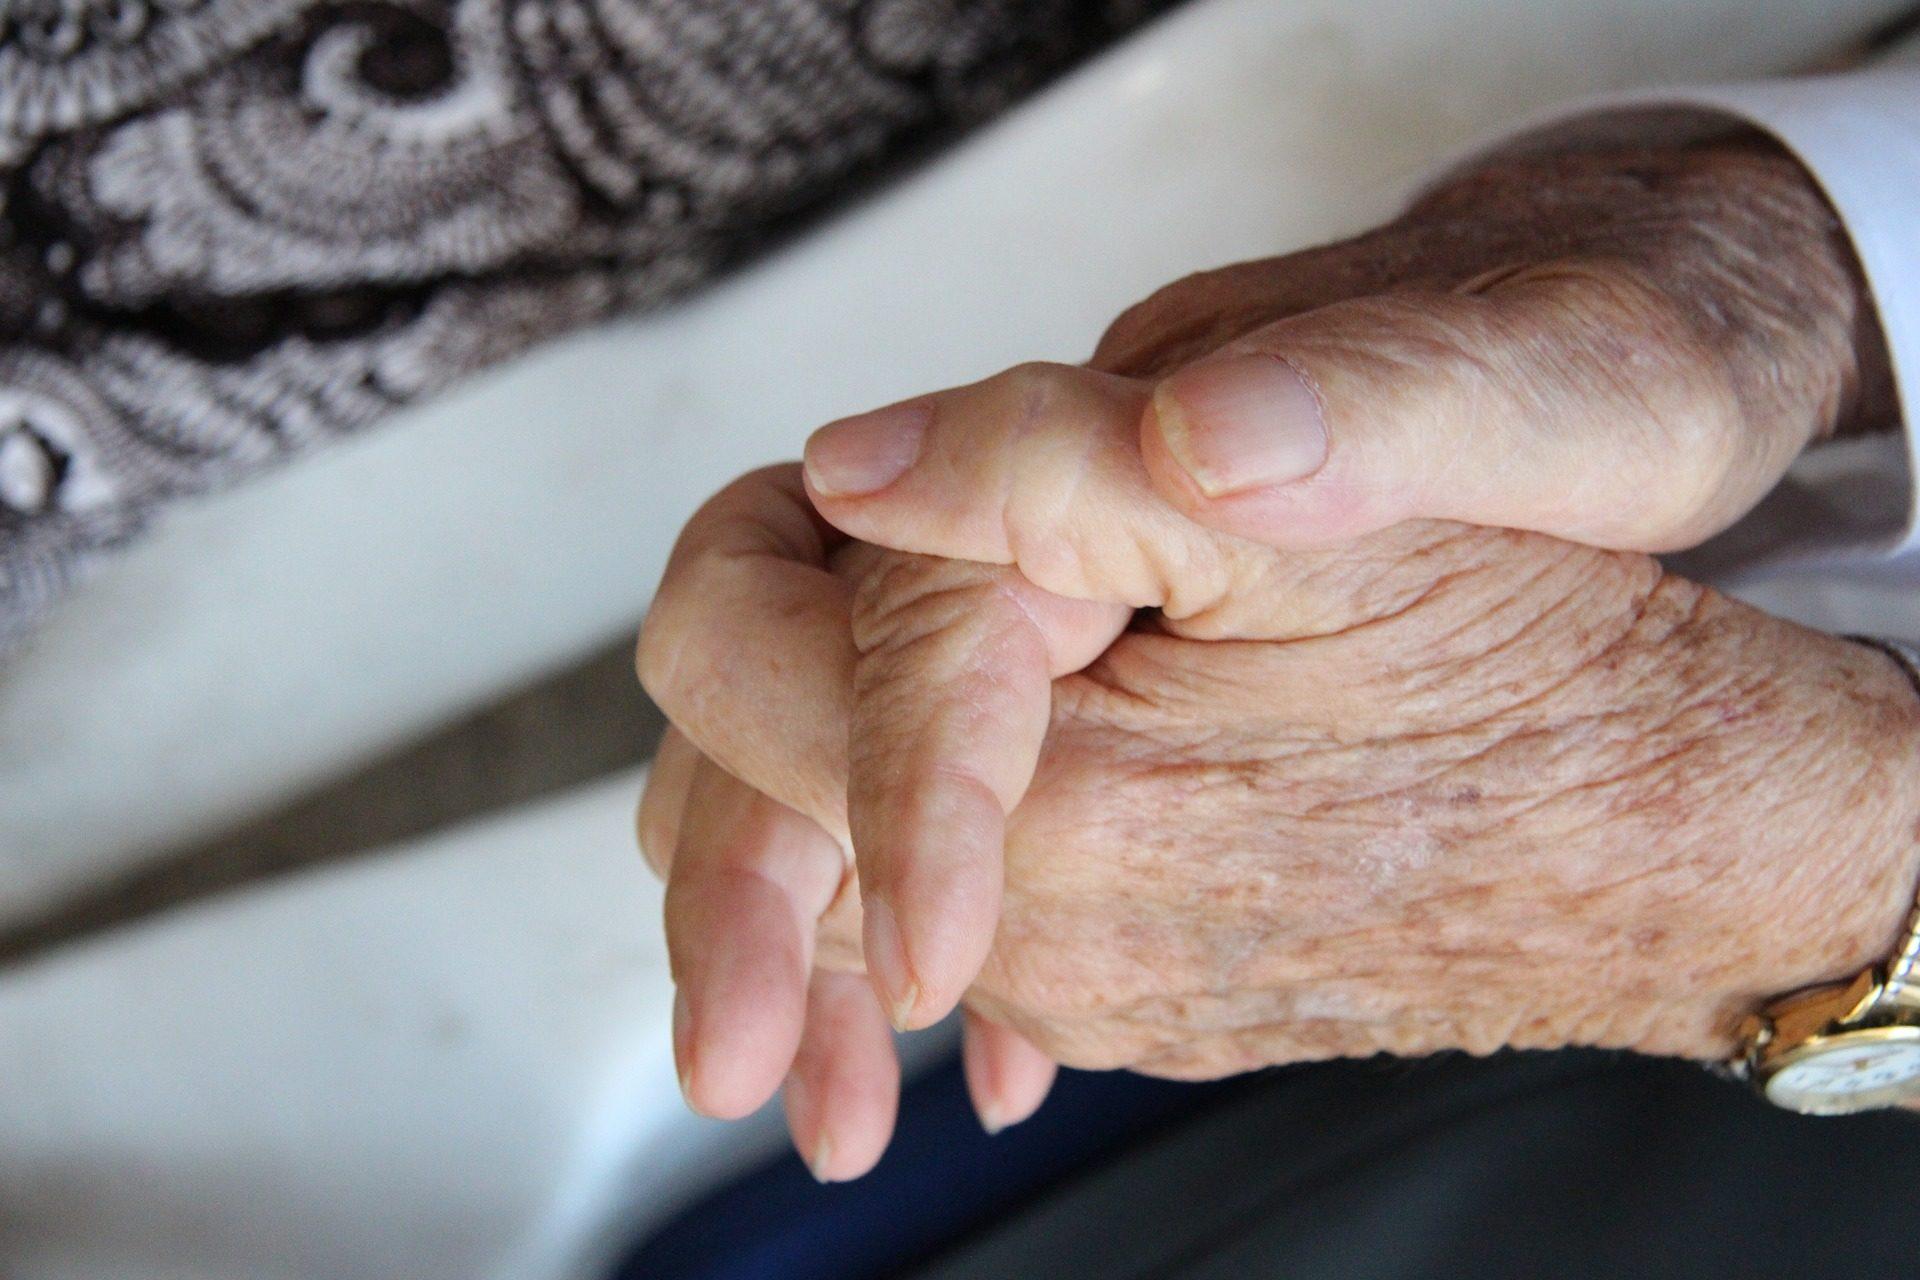 手, 皱纹, 年老时, 经验, 生活, 衰老 - 高清壁纸 - 教授-falken.com